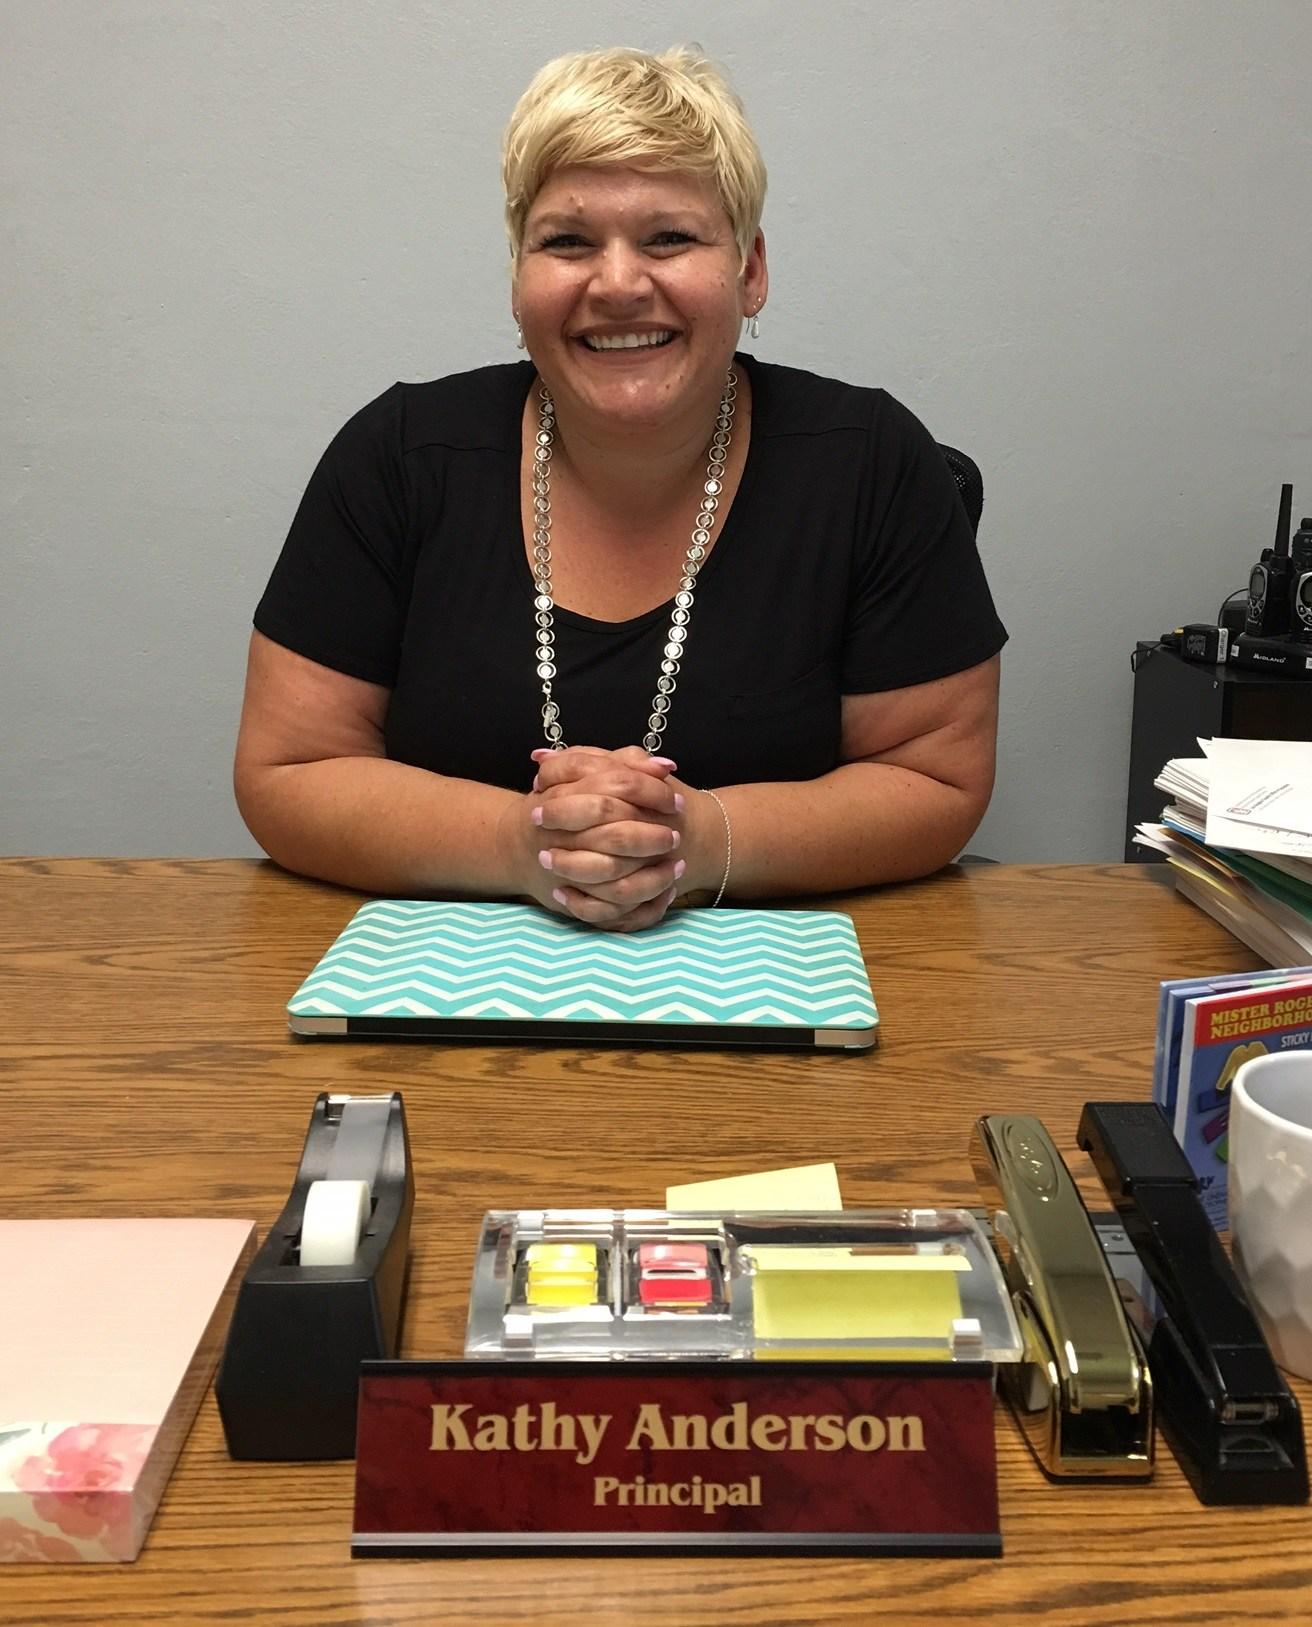 Ms. Kathy Anderson - Principal